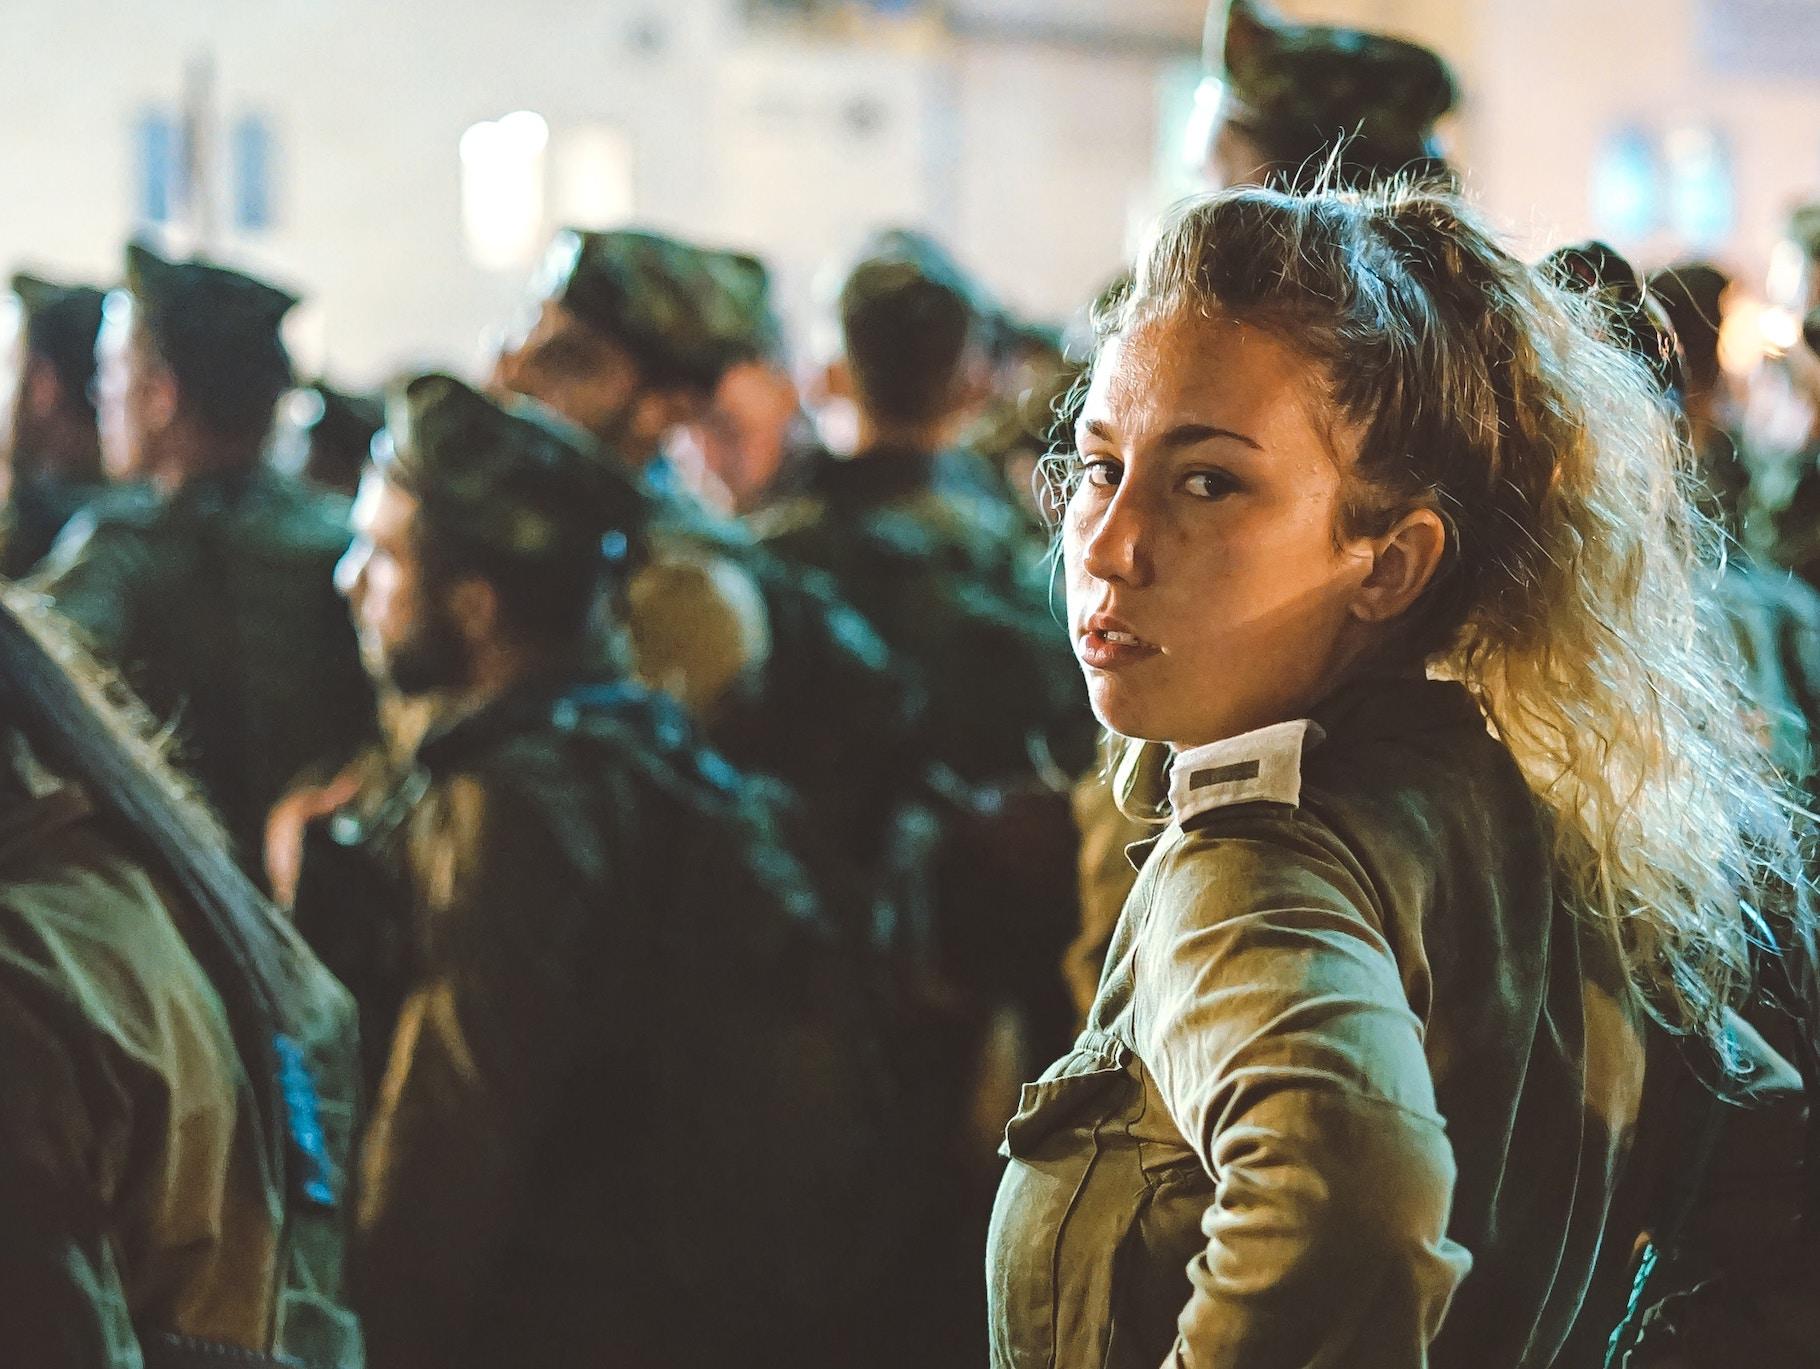 В Україні набув чинності закон про рівні права жінок та чоловіків у армії